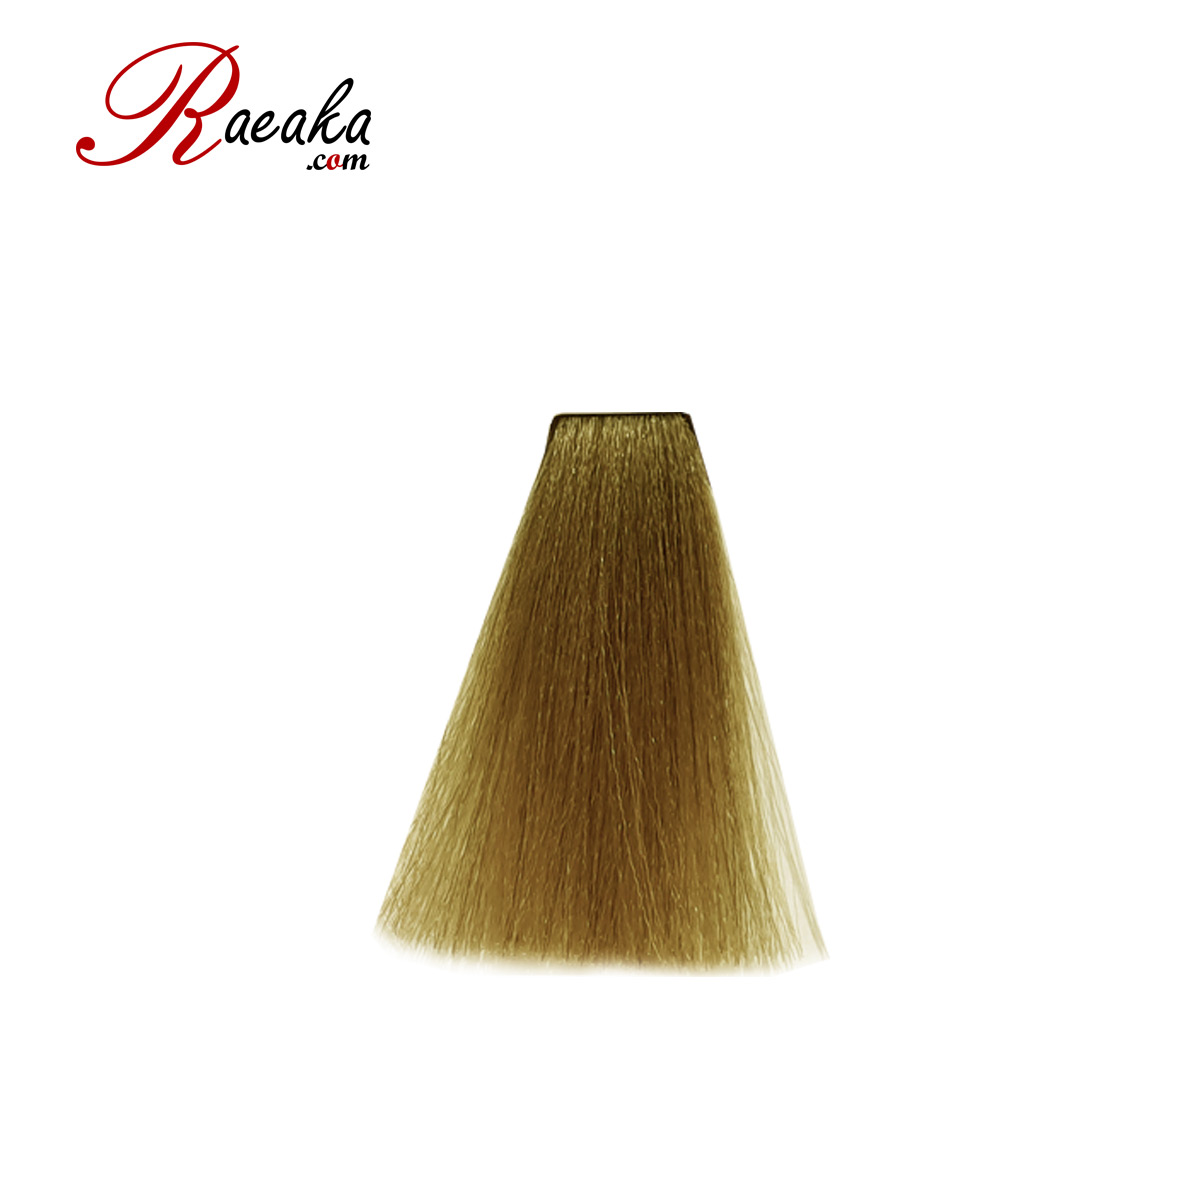 رنگ مو دوشس سری تنباکویی شماره 07-8 حجم 125 میلی لیتر